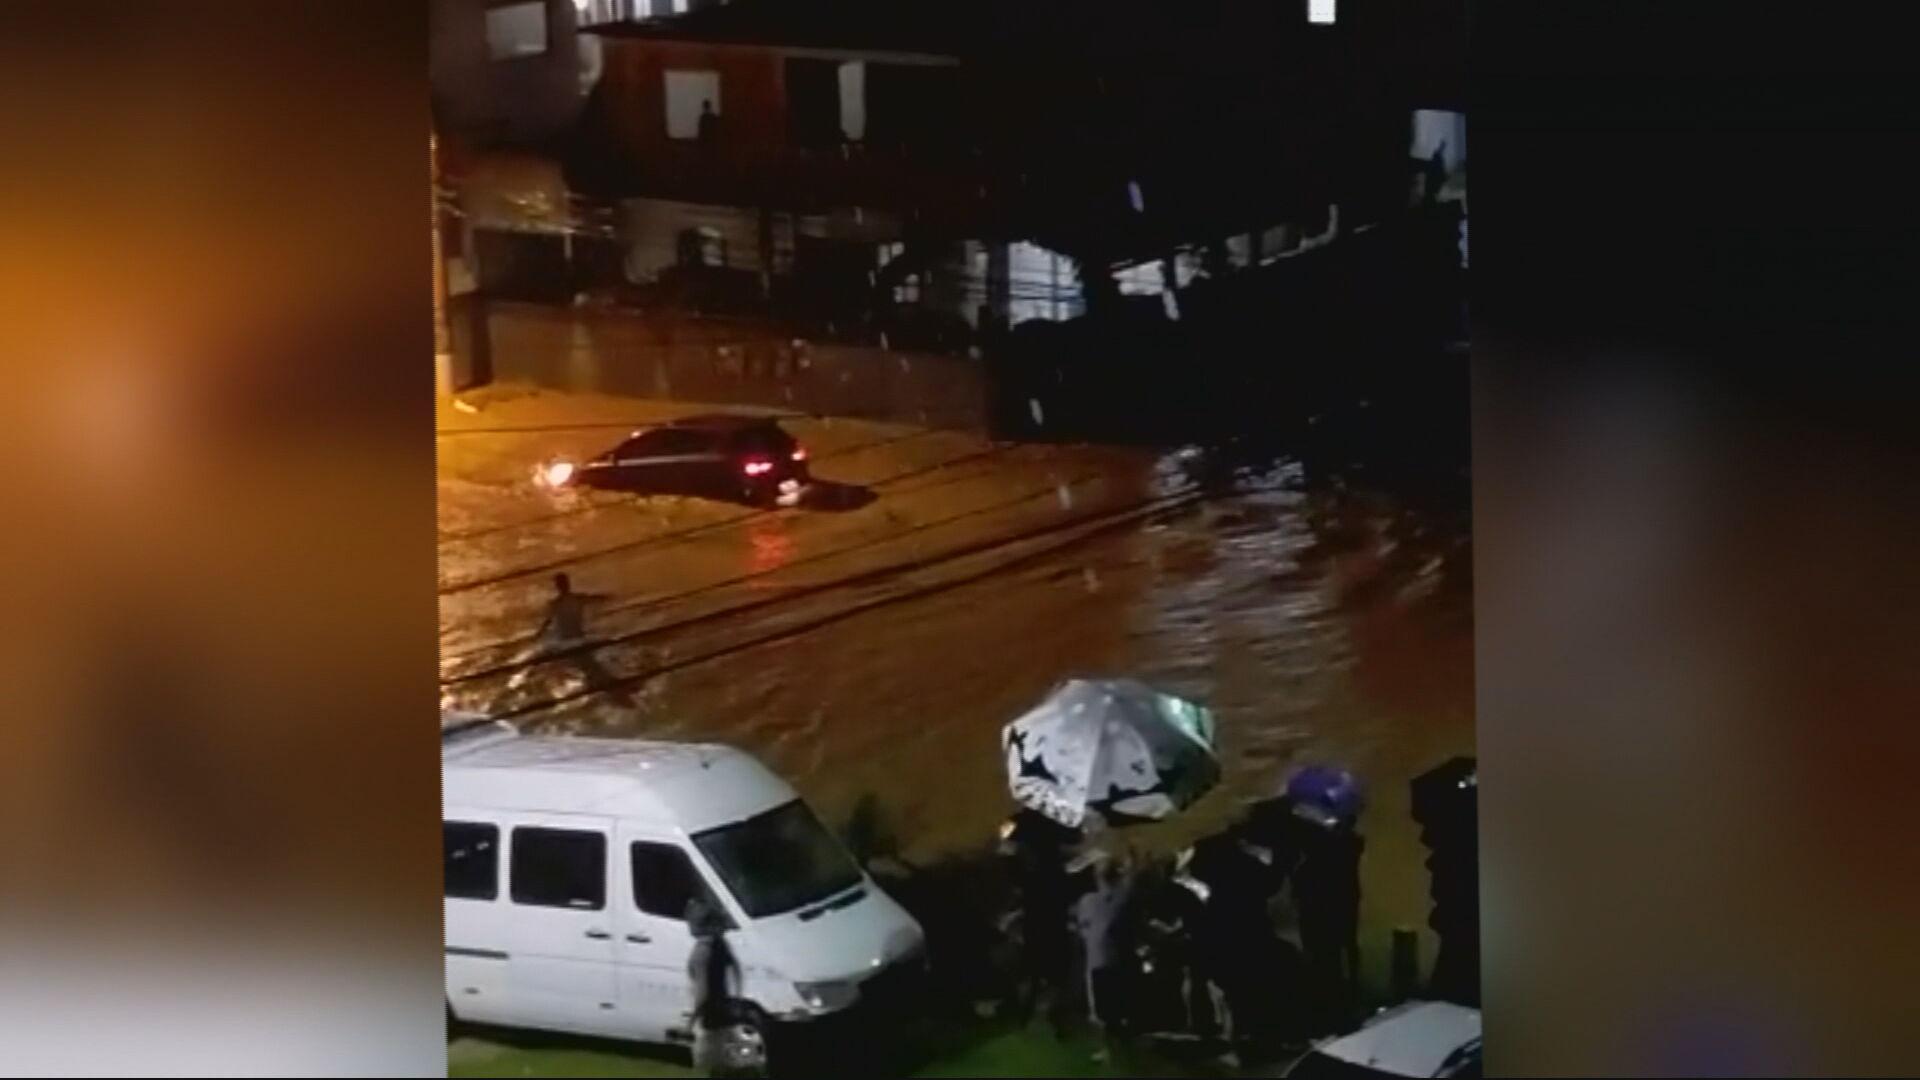 Correnteza arrasta carro e criança morre em Três Rios (RJ)